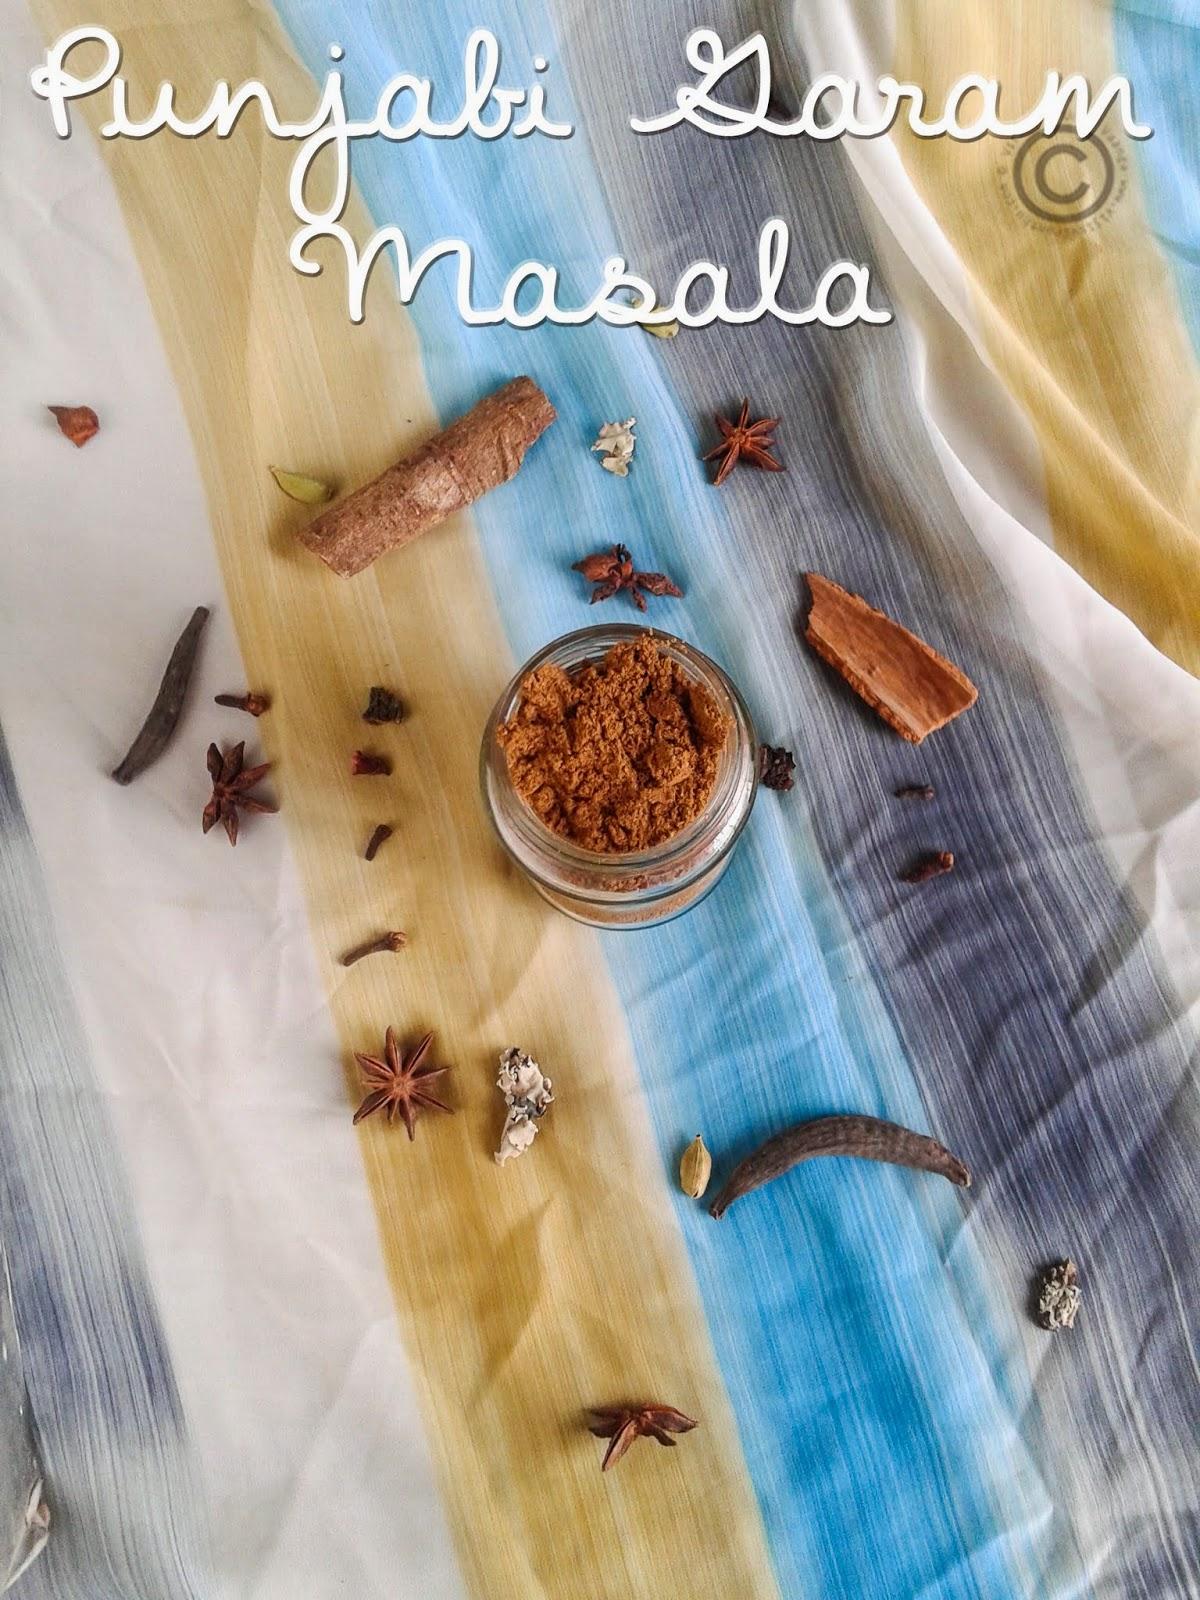 how-to-make-punjabi-garam-masala